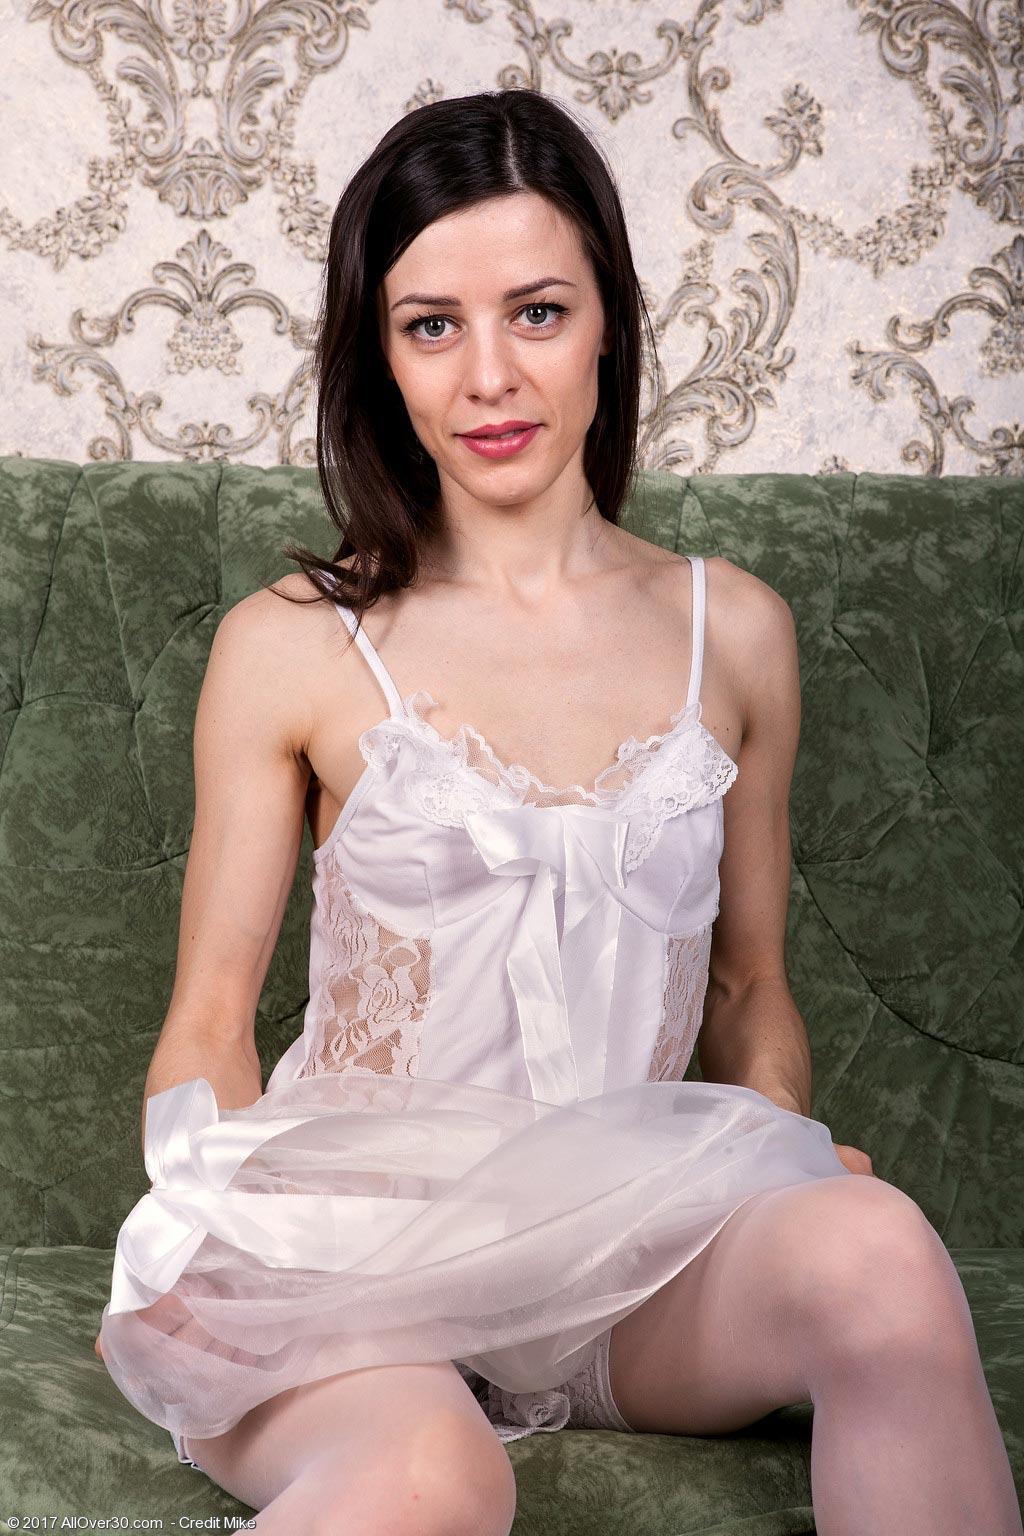 poluchaet-porno-arianna-mariya-ogromniy-chlen